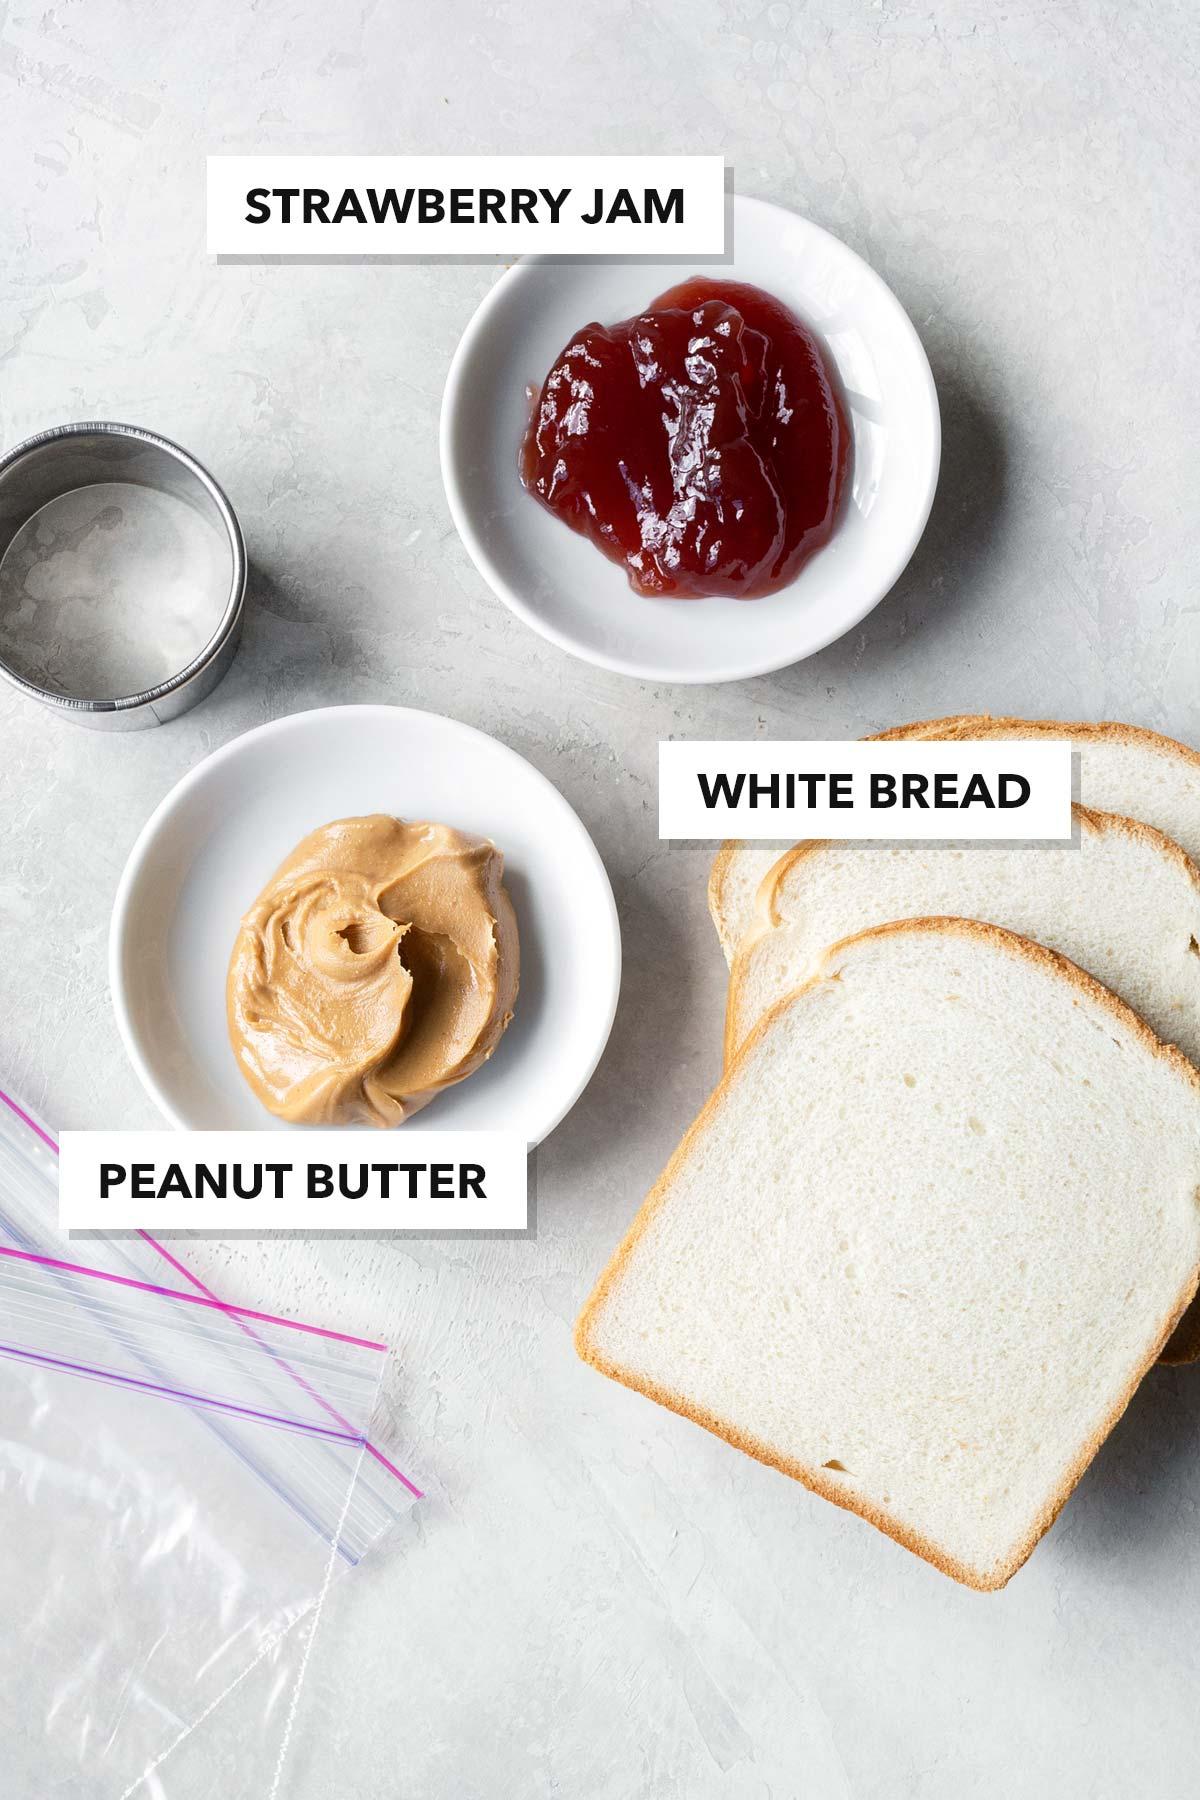 Peanut Butter & Jelly Tea Sandwich Ingredients.